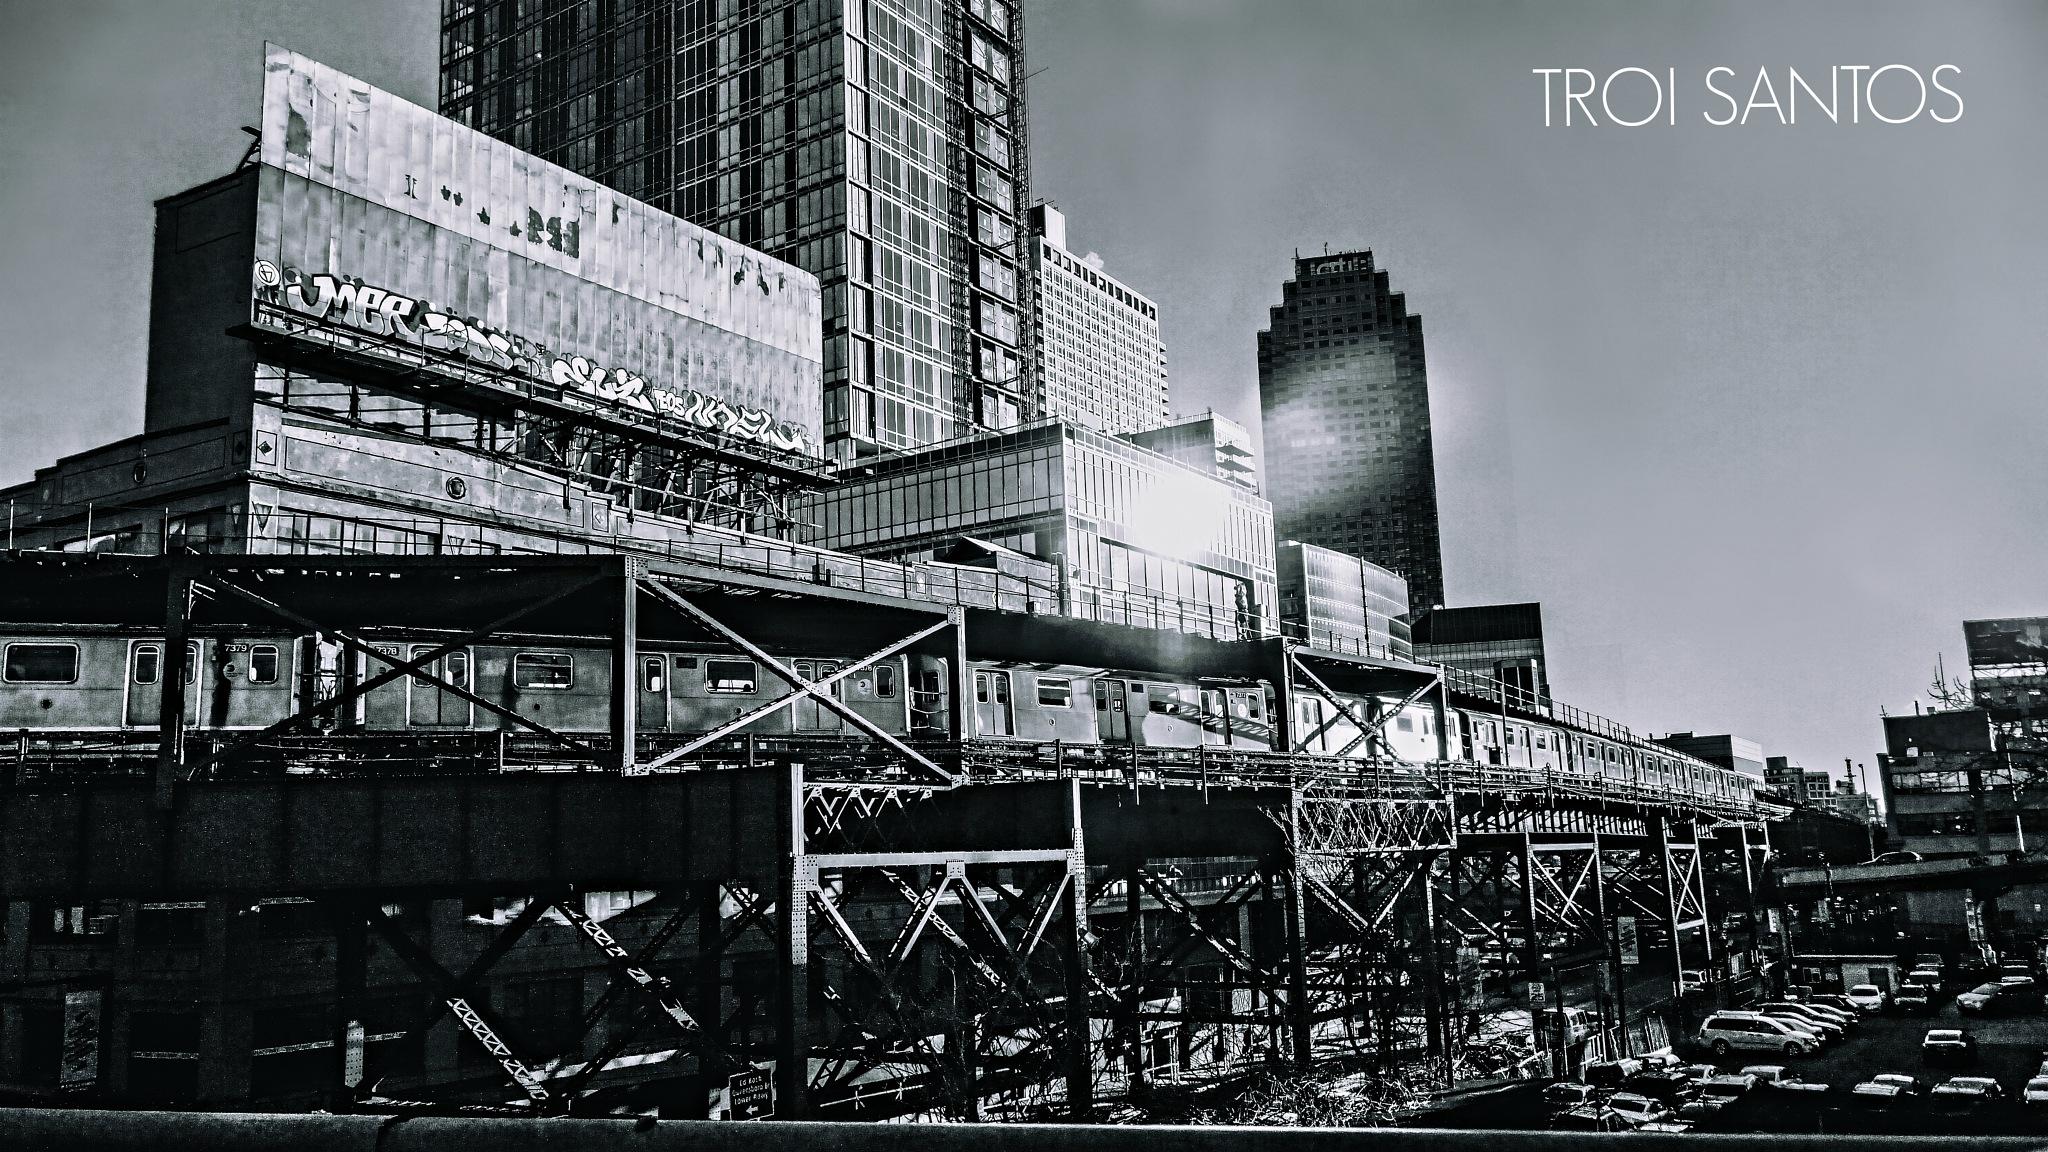 7 TRAIN by Troi Santos